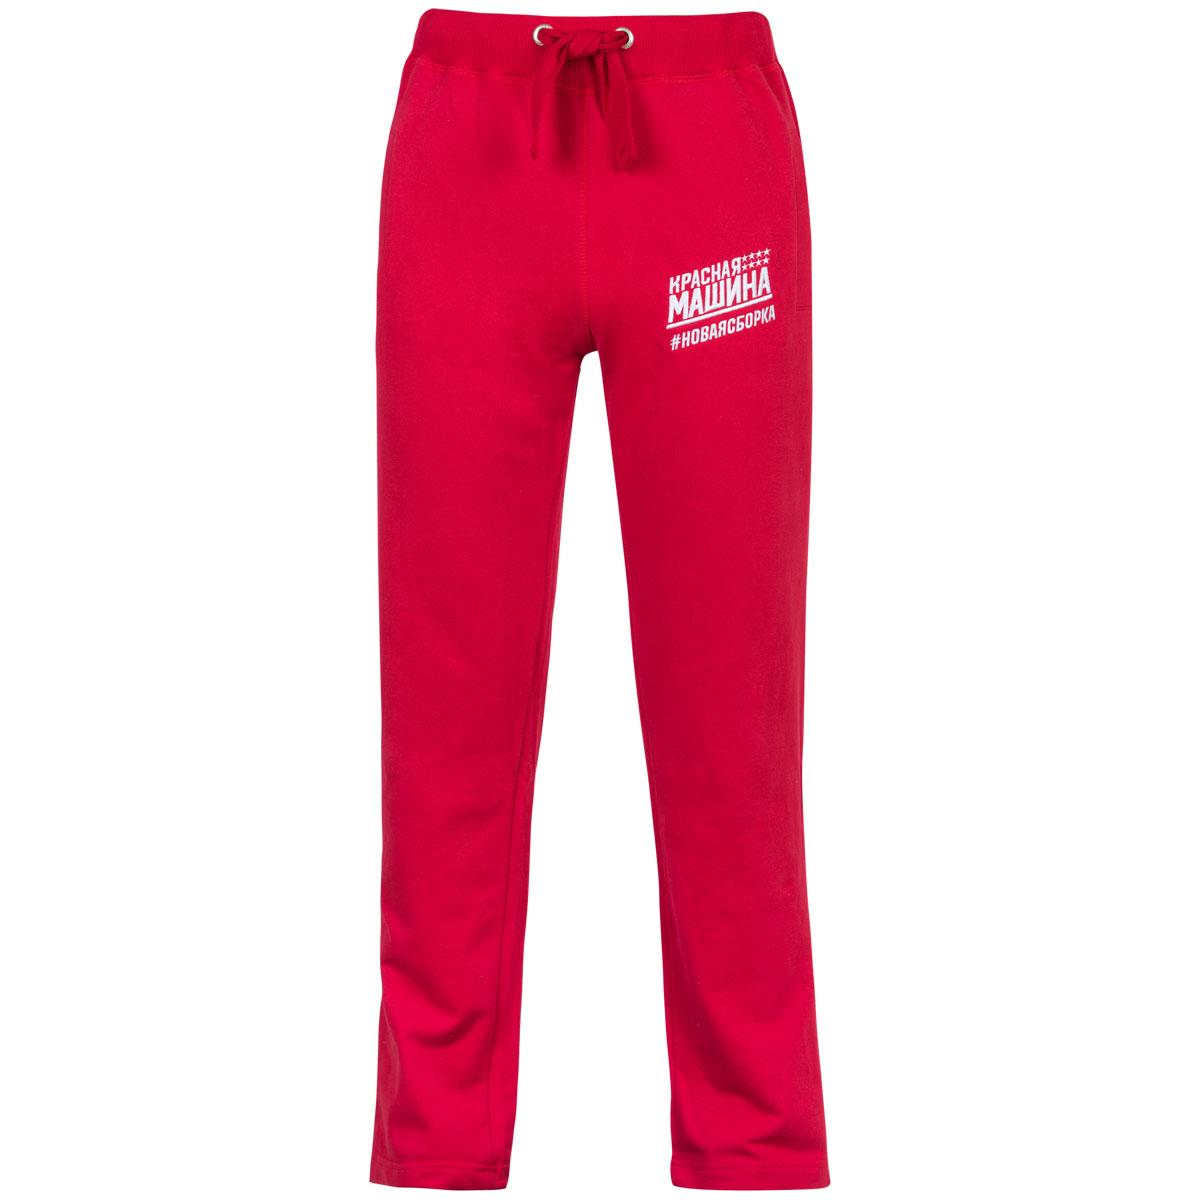 Штаны спортивные детские Красная Машина, цвет: красный. 65160076. Размер 15265160076Спортивные детские штаны бренда хоккейного клуба Красная Машина выполнены из хлопка с добавлением полиэстера. Брюки на талии имеют широкую эластичную резинку, благодаря чему, они не сдавливают живот и не сползают. Объем талии регулируется с помощью шнурка. Спереди модель дополнена двумя втачными карманами.